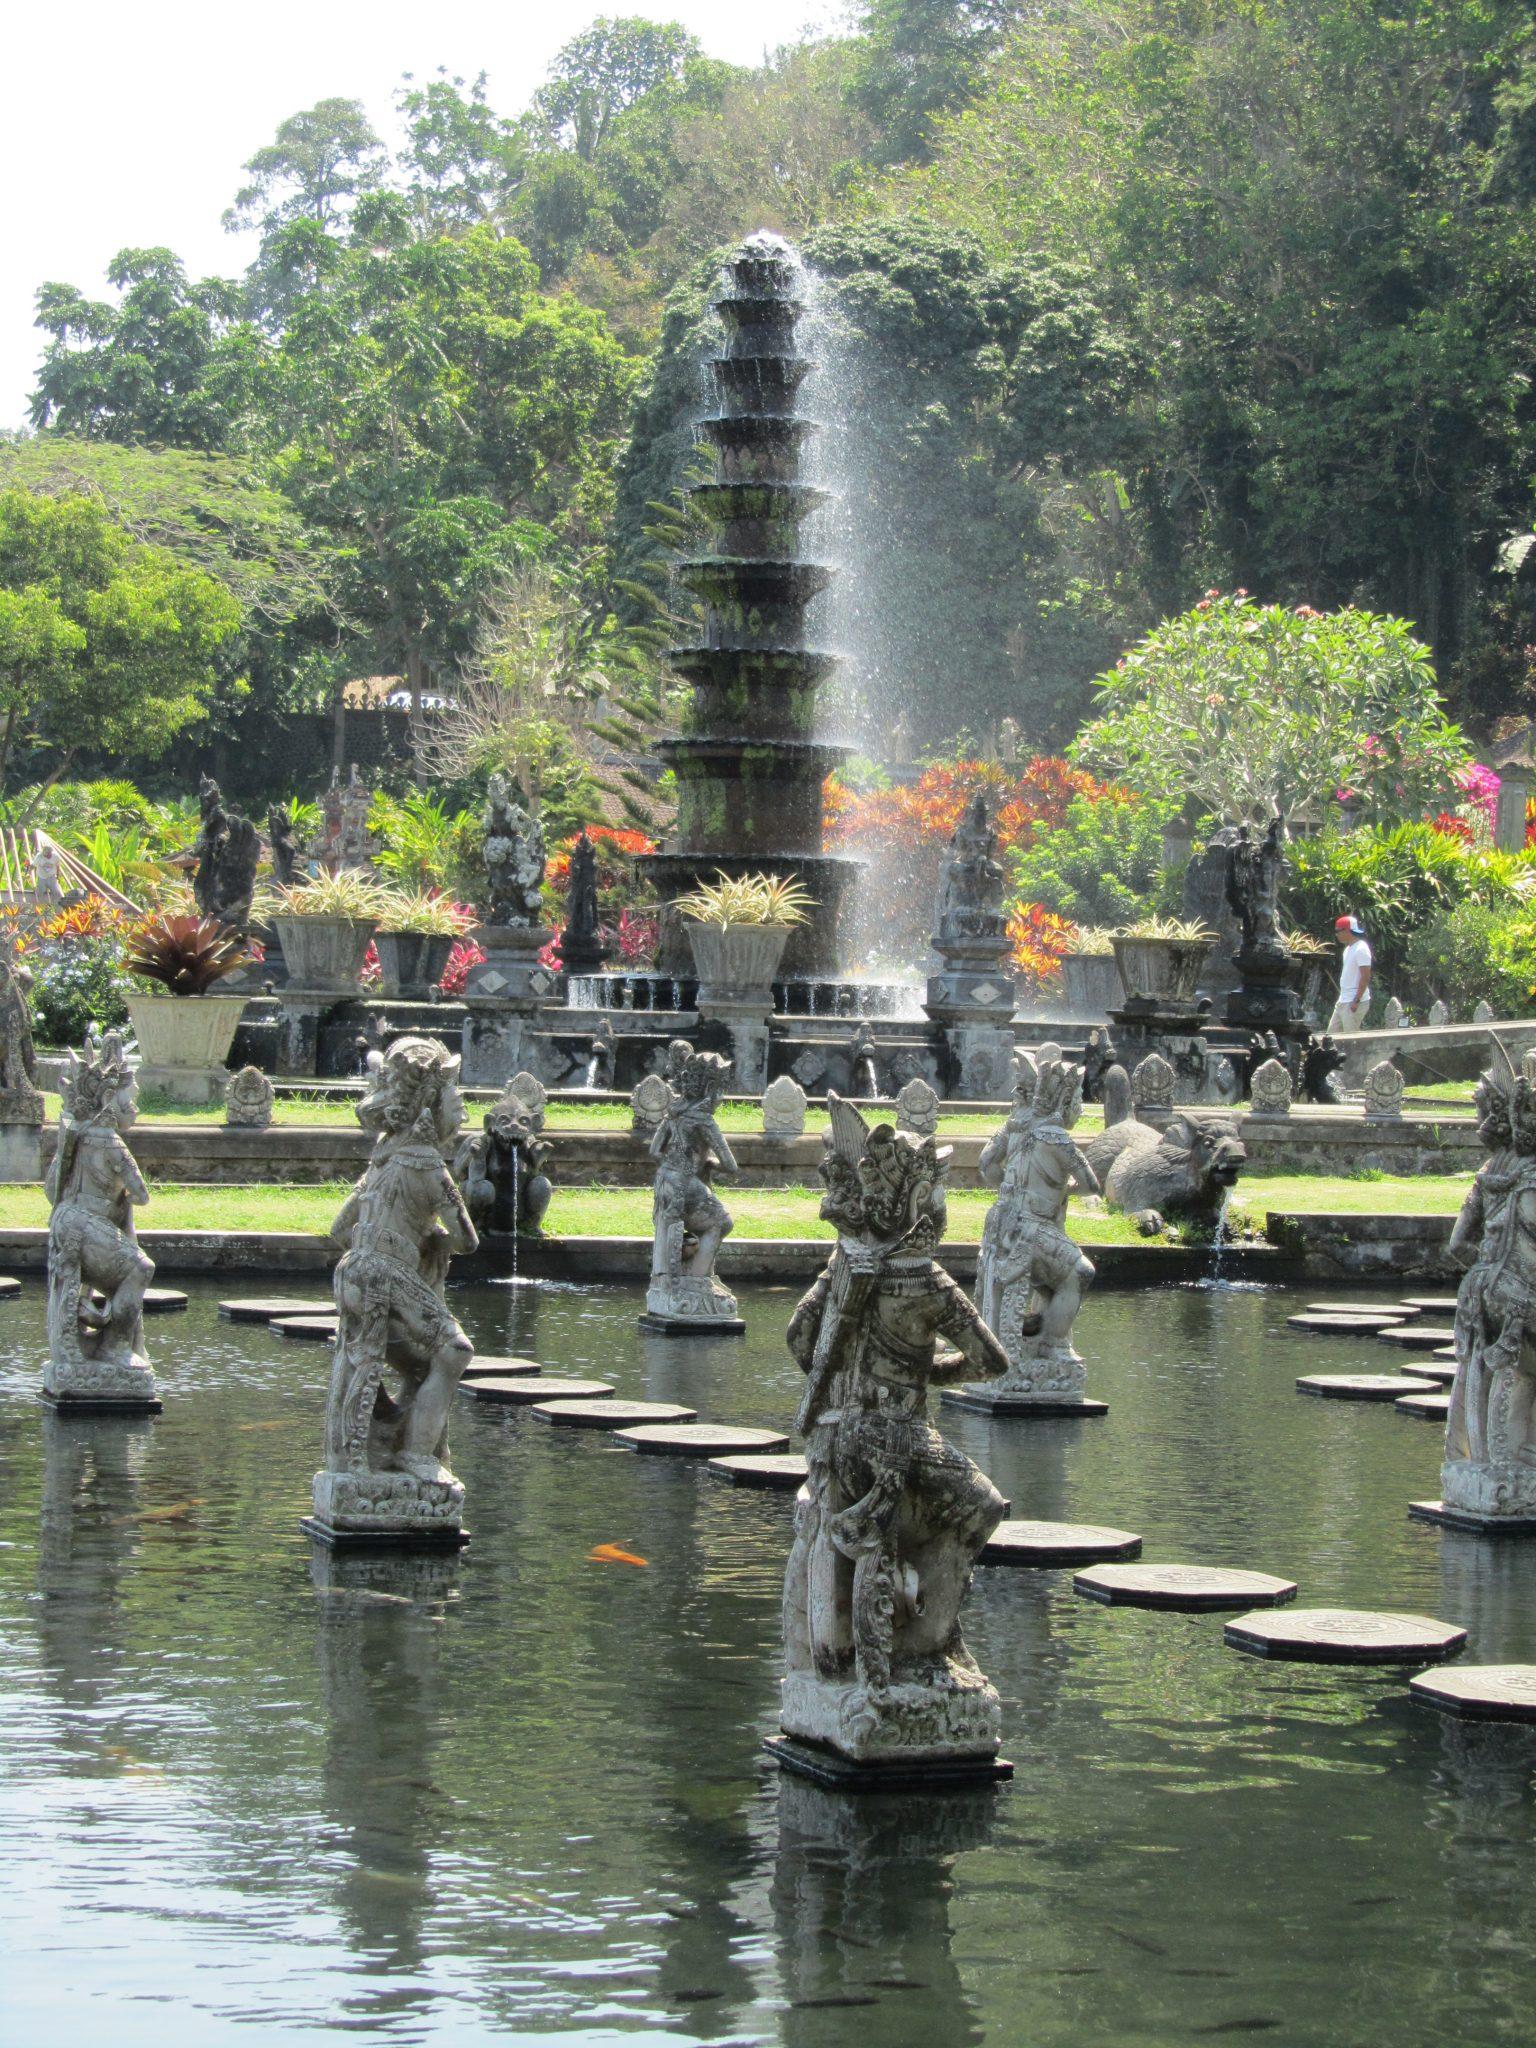 Lotus Fountain at Tirta Gangga Water Palace, Bali